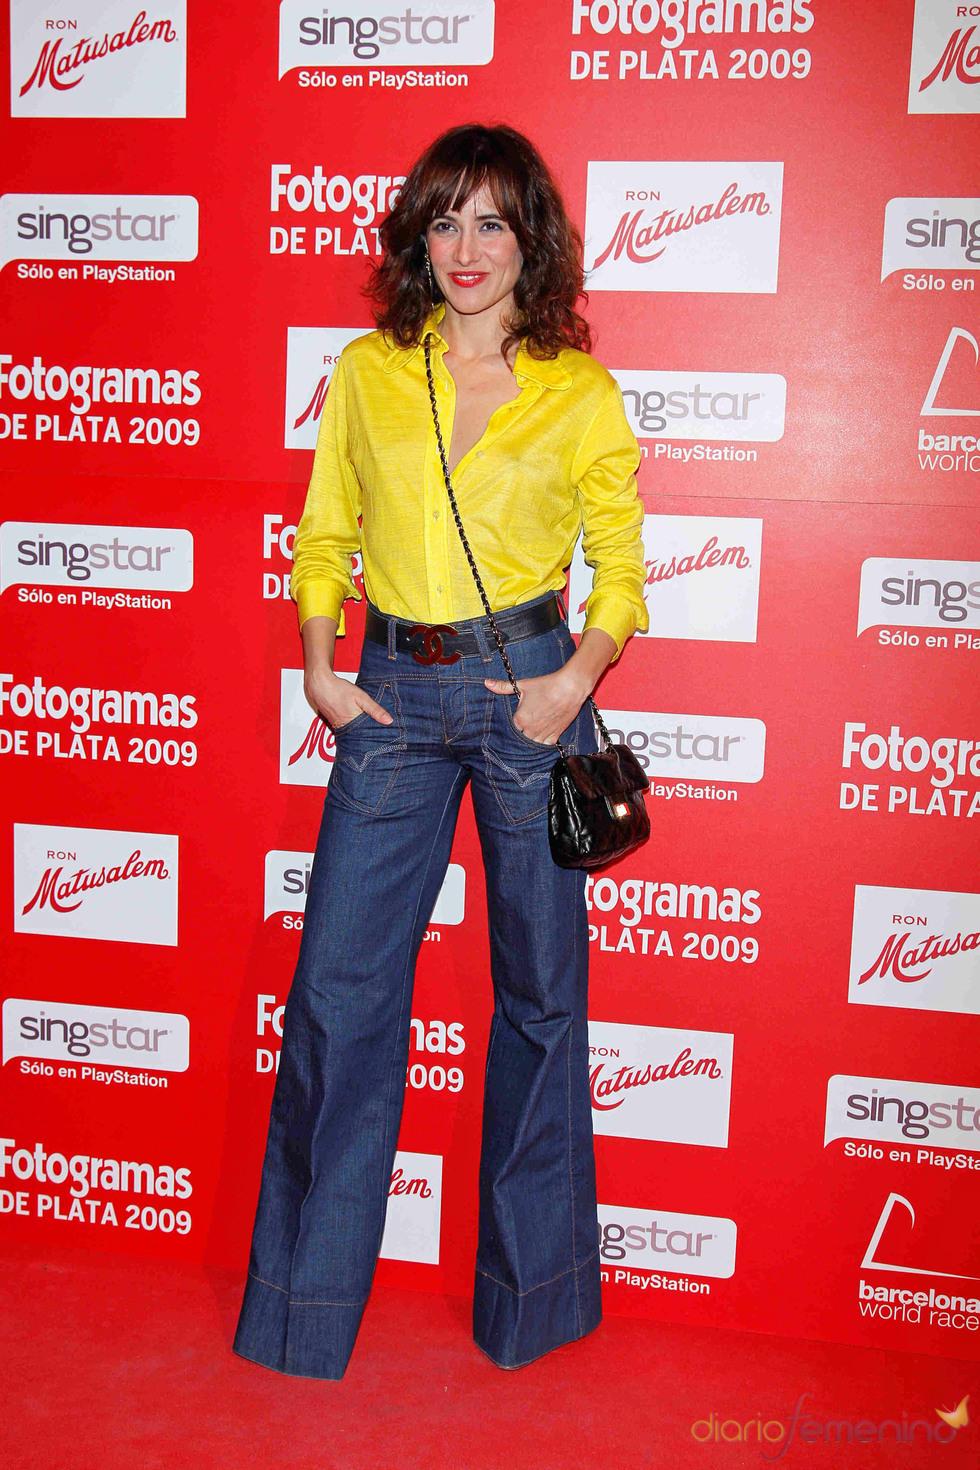 Ana Turpin en los Fotogramas de Plata 2009